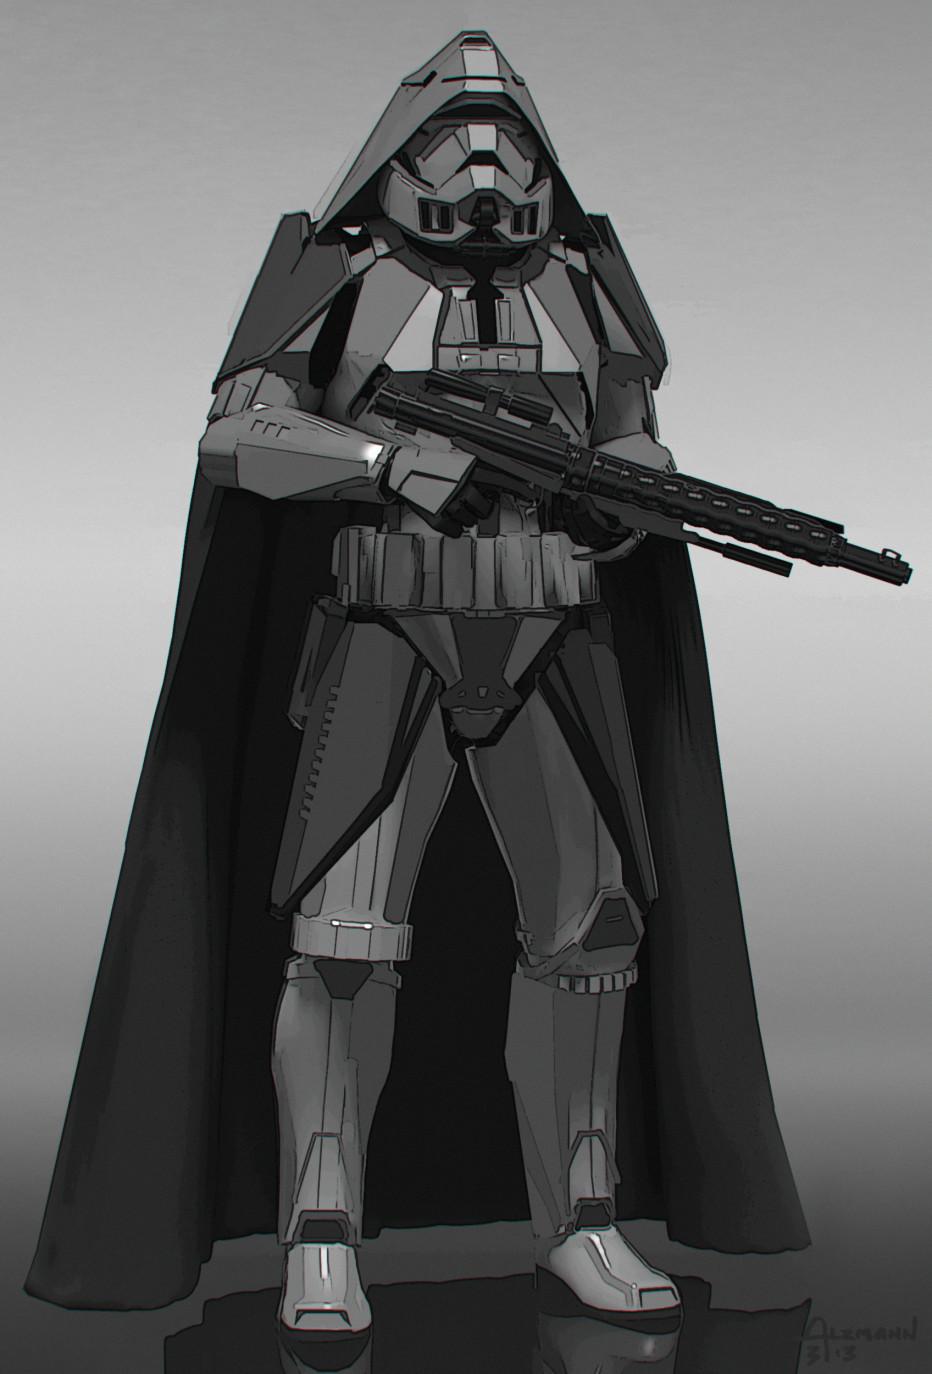 Star Wars 7 Villain Concept Art